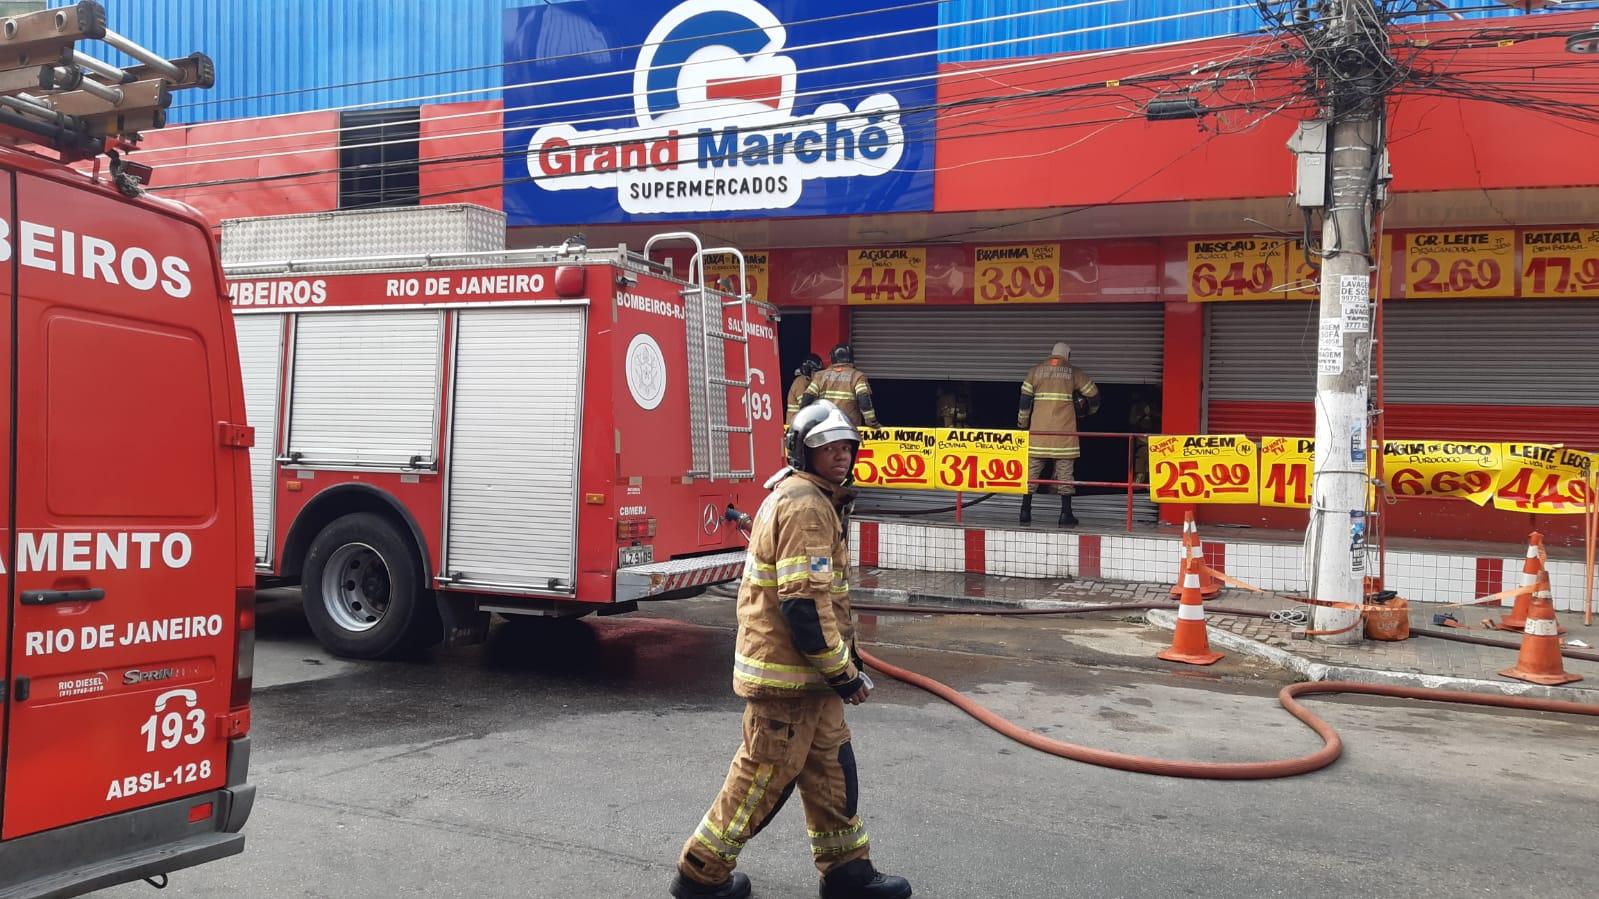 Supermercado pega fogo em Duque de Caxias